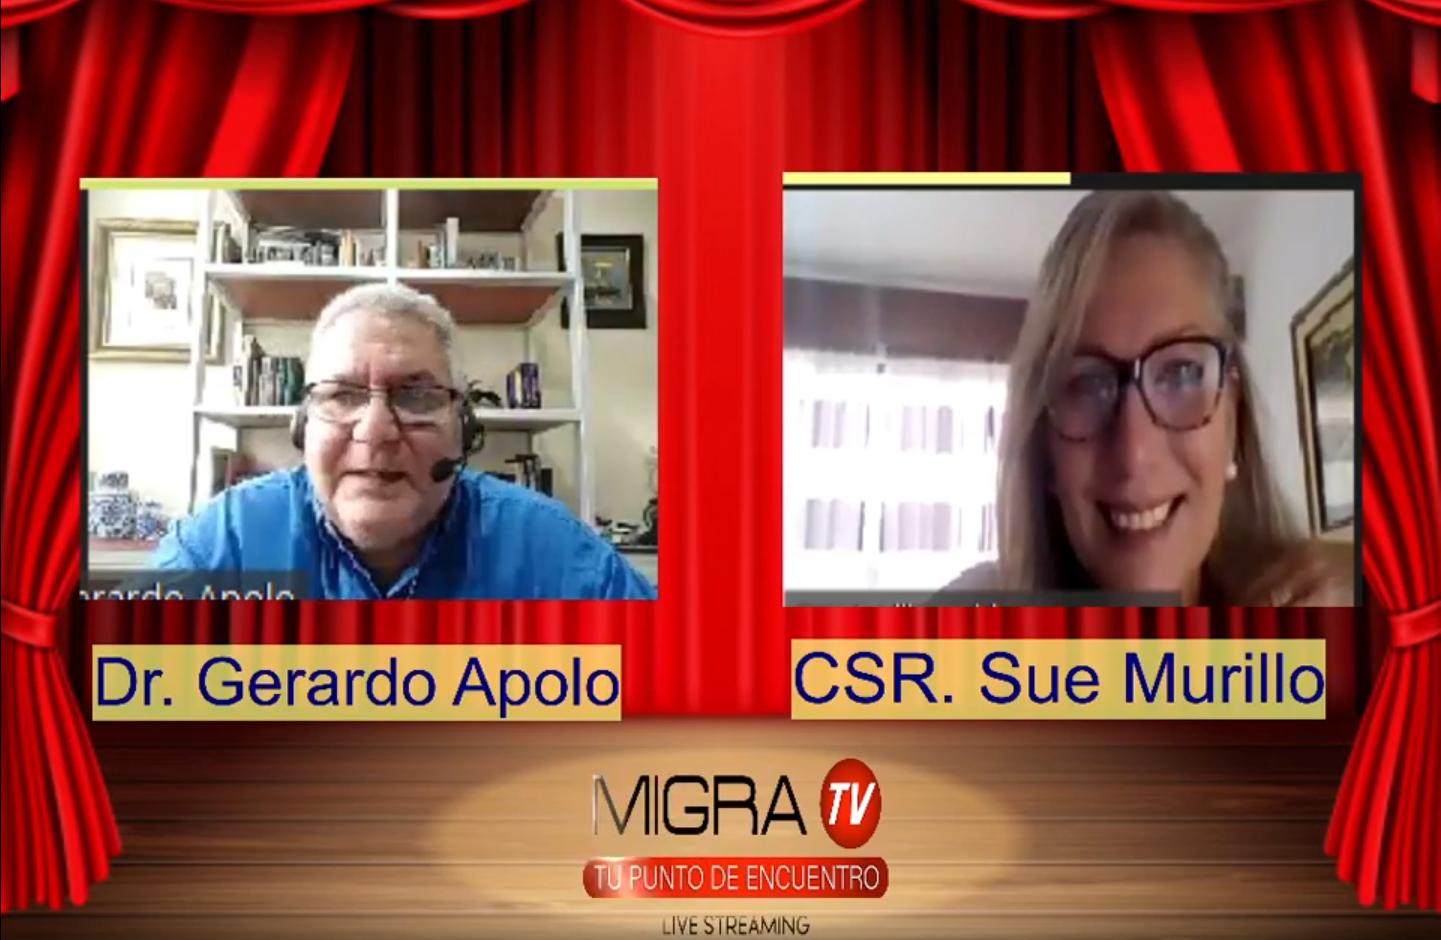 Entrevista | Migra Tv Radio – Cbr. Sue Morillo